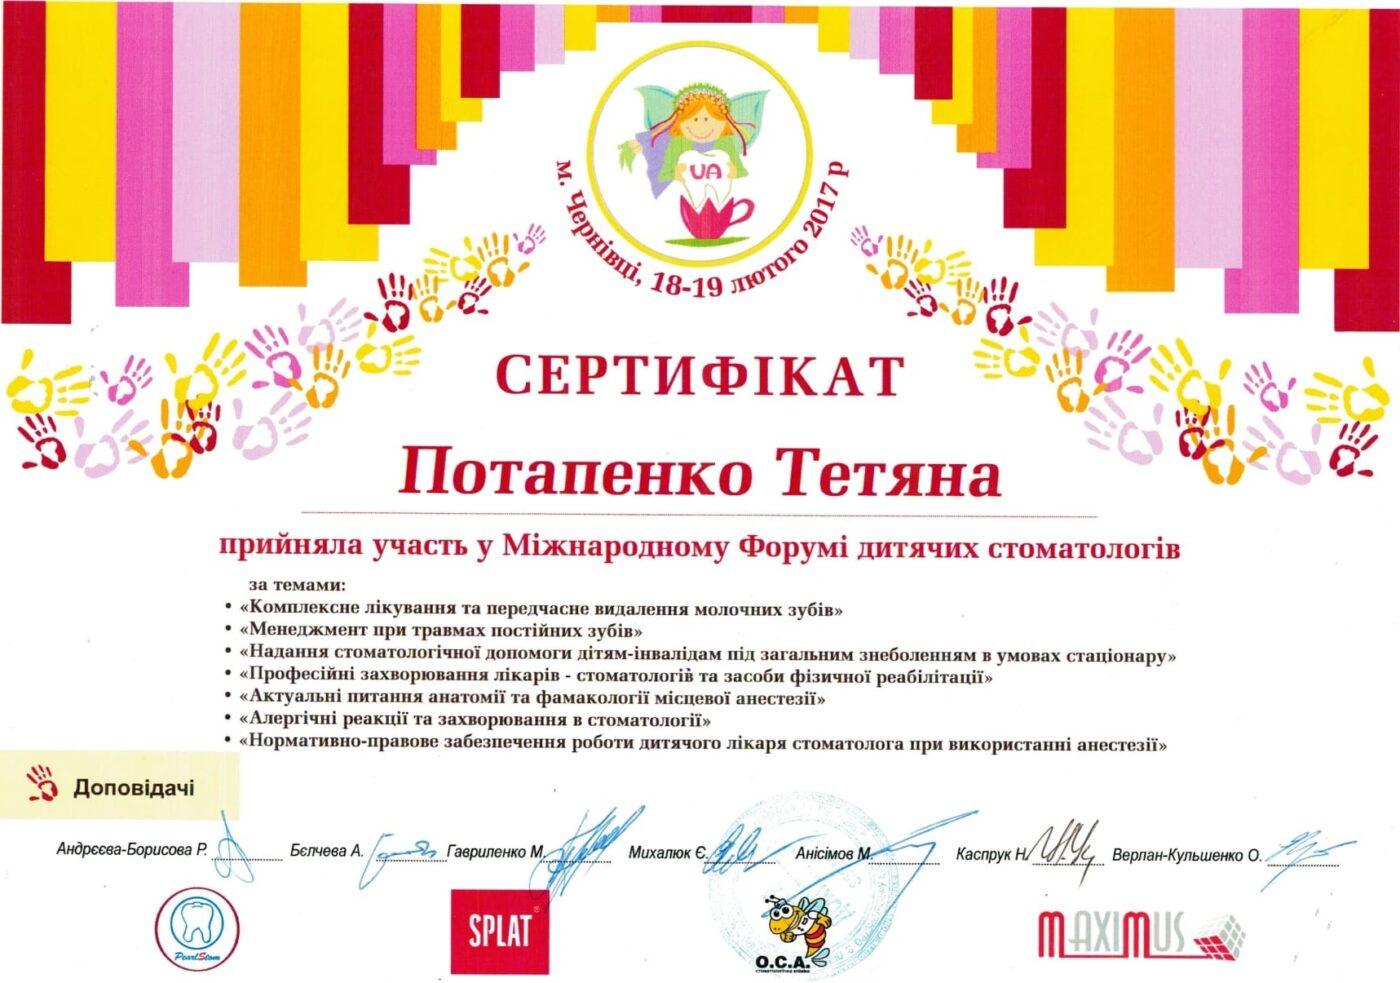 Сертифікат дитячого лікаря стоматолога Потапенко Тетяни Олексіївни об участі у (Міжнародному Форумі дитячих стоматологів)